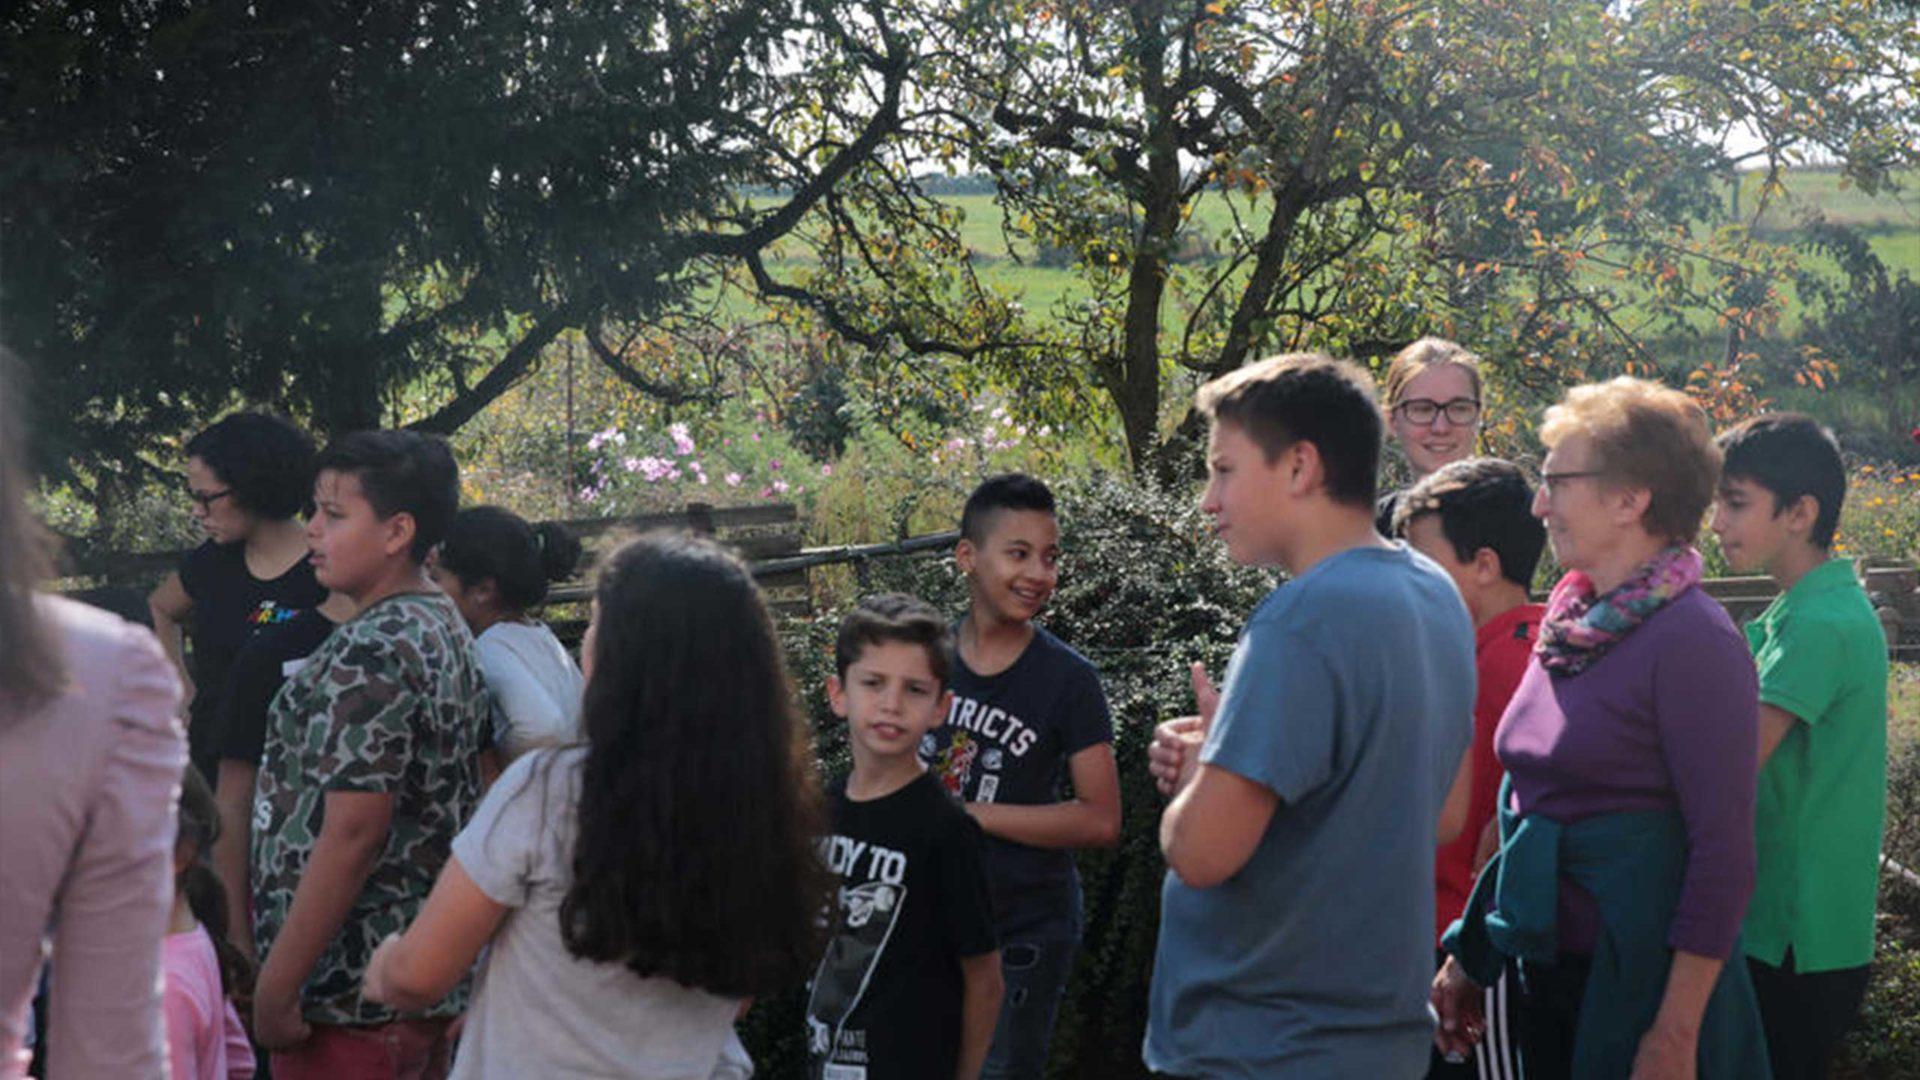 Aktion Mahlzeit auf dem Milchhof. Die Kinder bekommen eine Führung über den Milchhof.